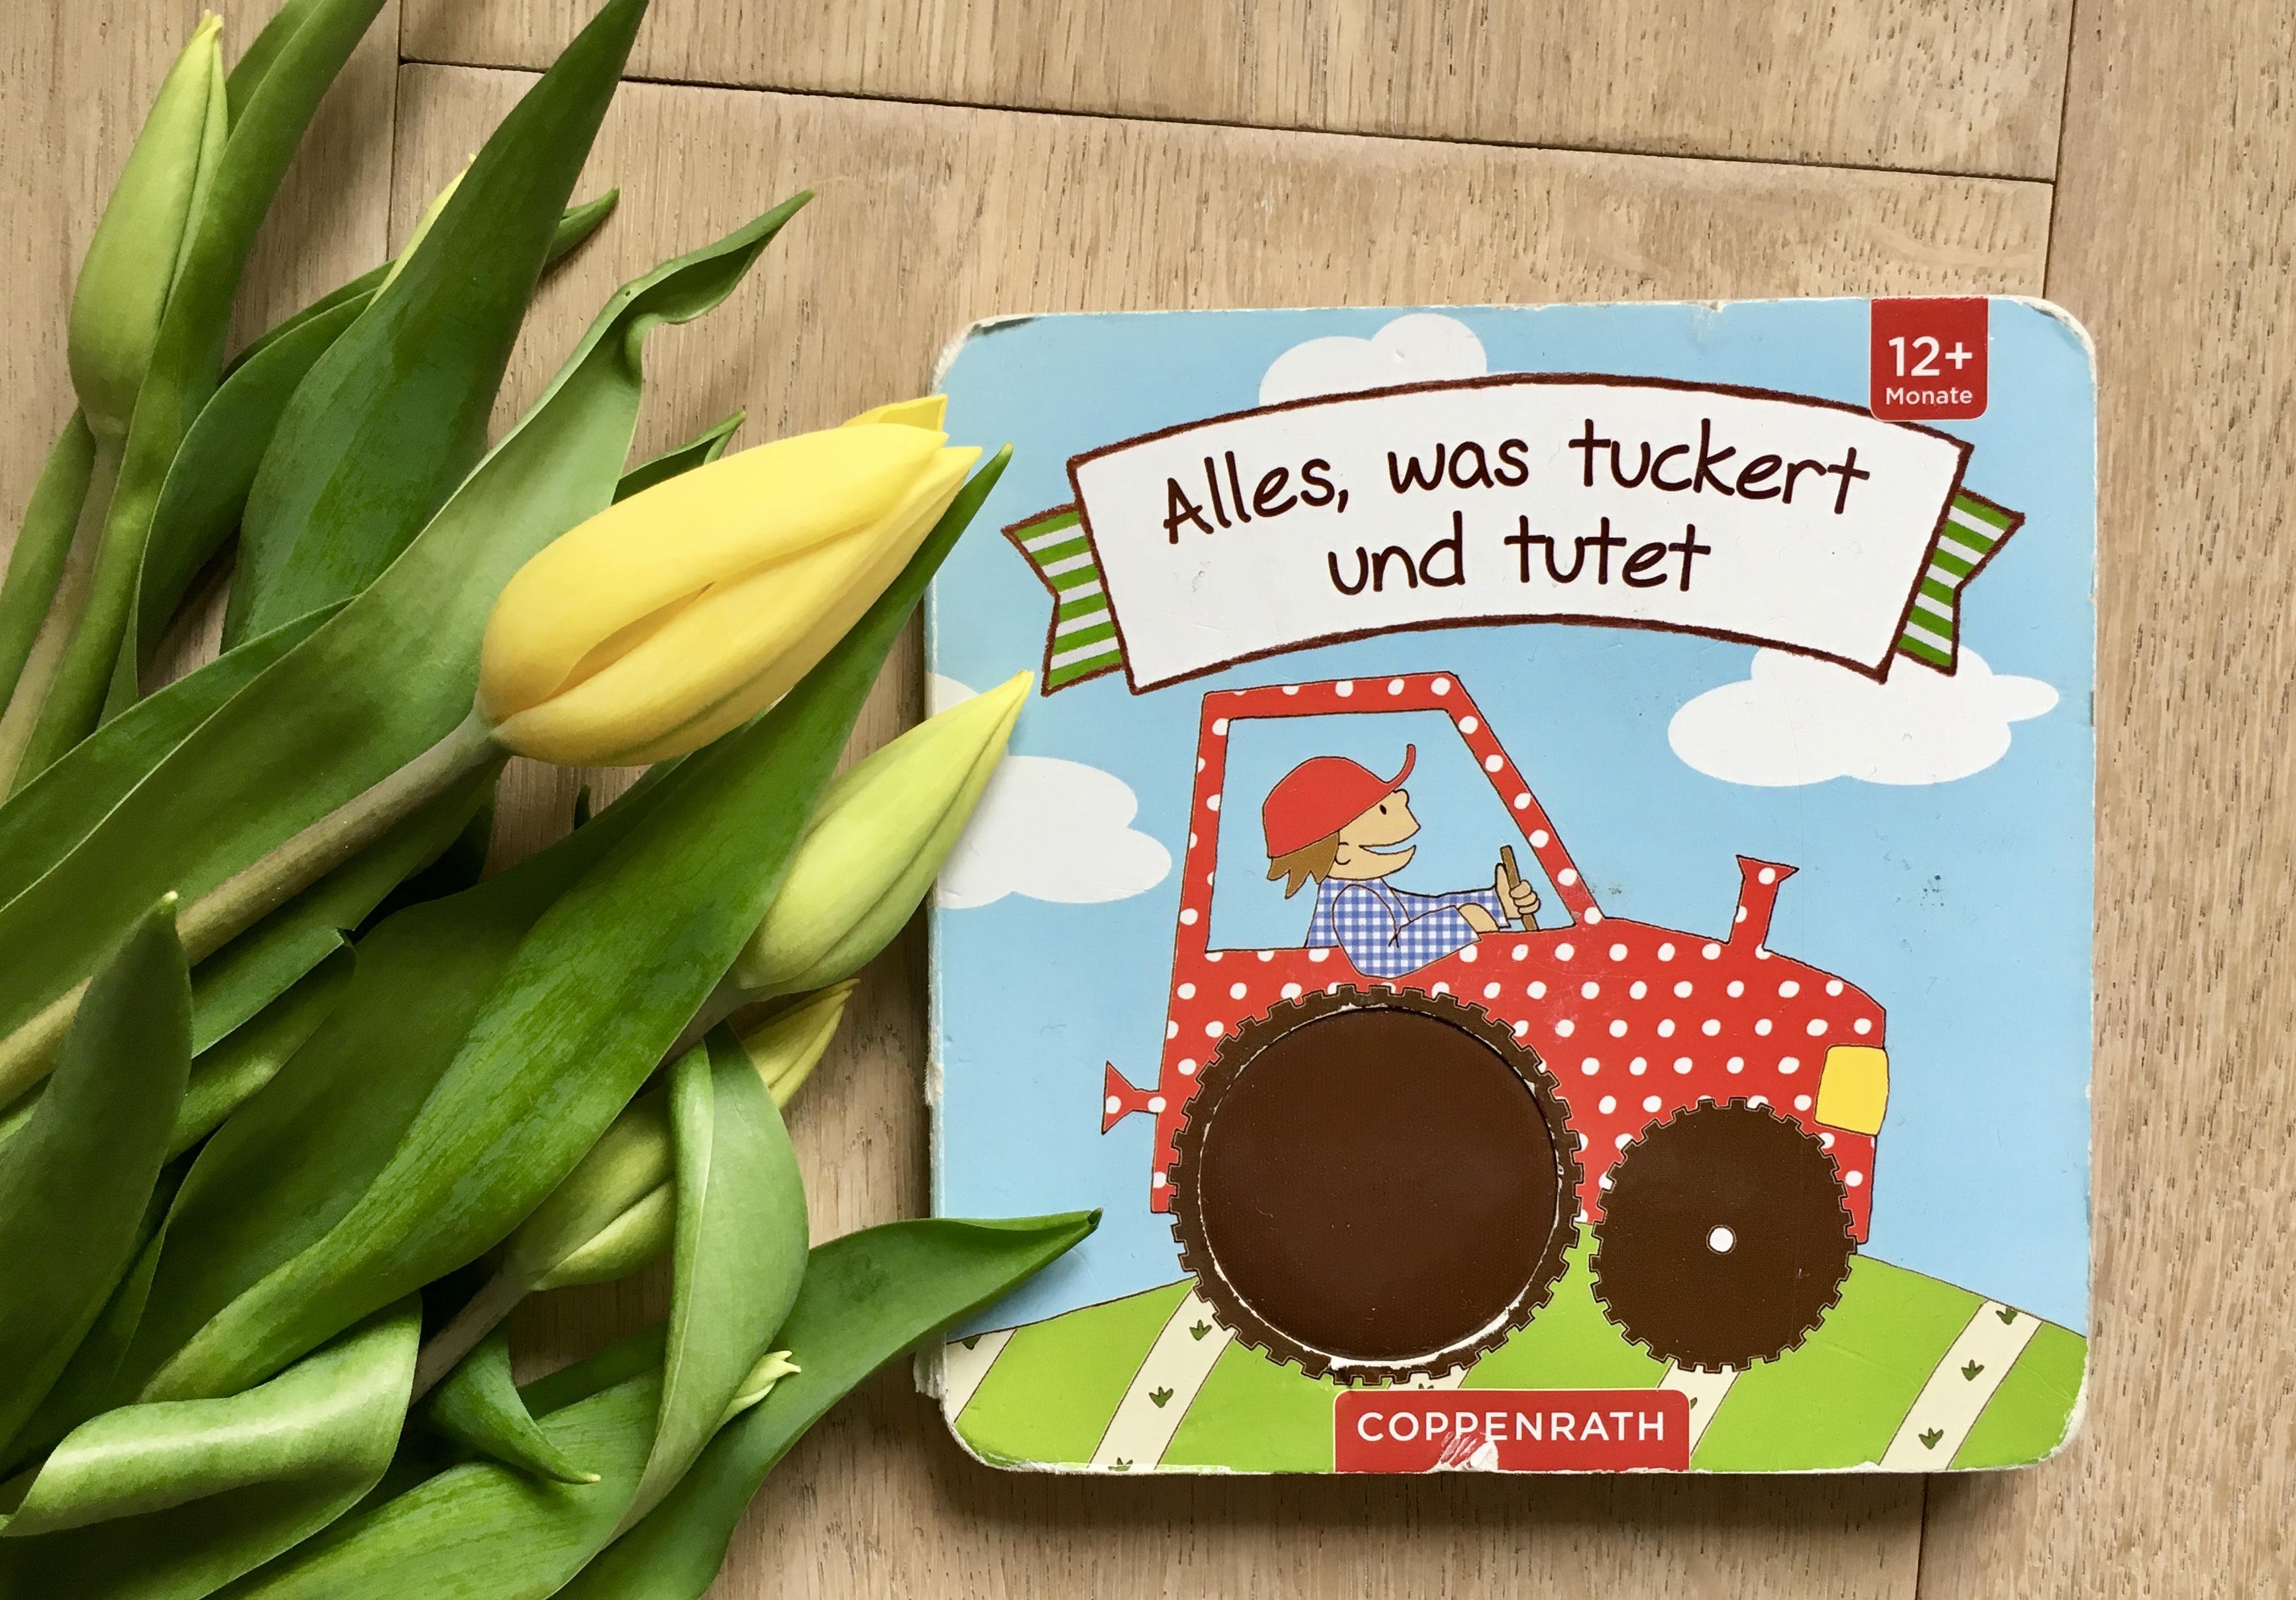 Alles, was tuckert und tutet von Anna Taube (Text) und Maja Bach (Illustration)